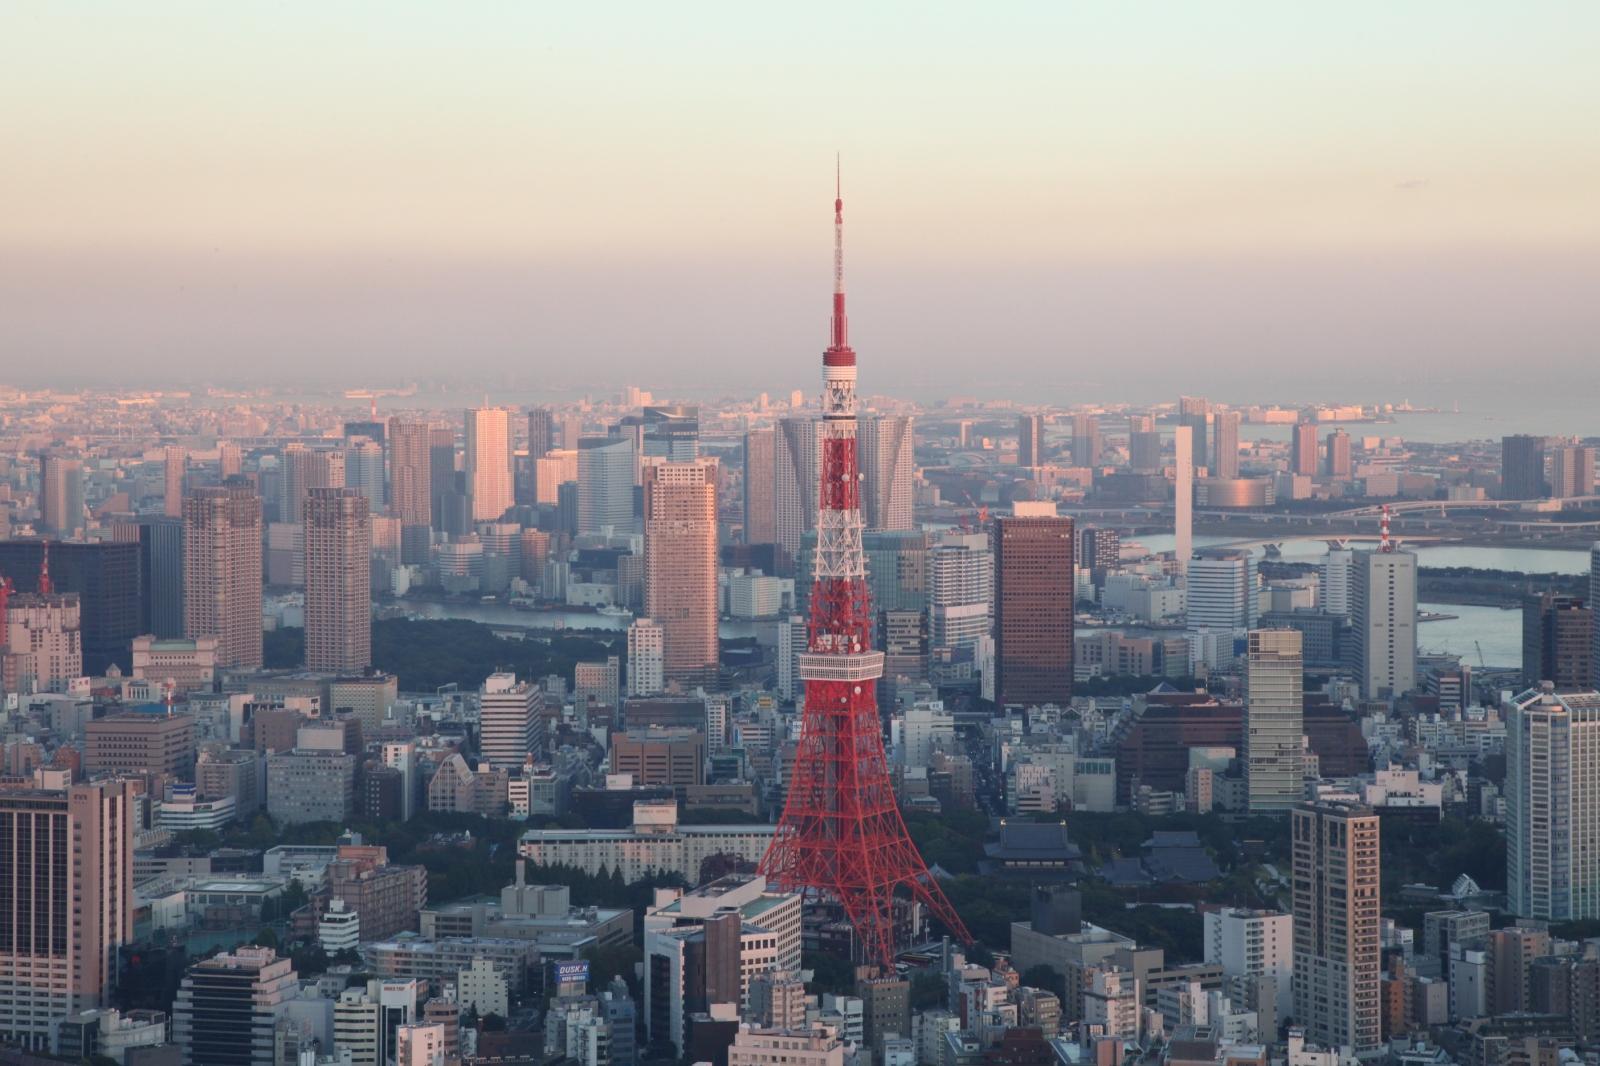 日本 日本地図 四国地方 : japanwebmagazine 作成日 2007年2月22 ...